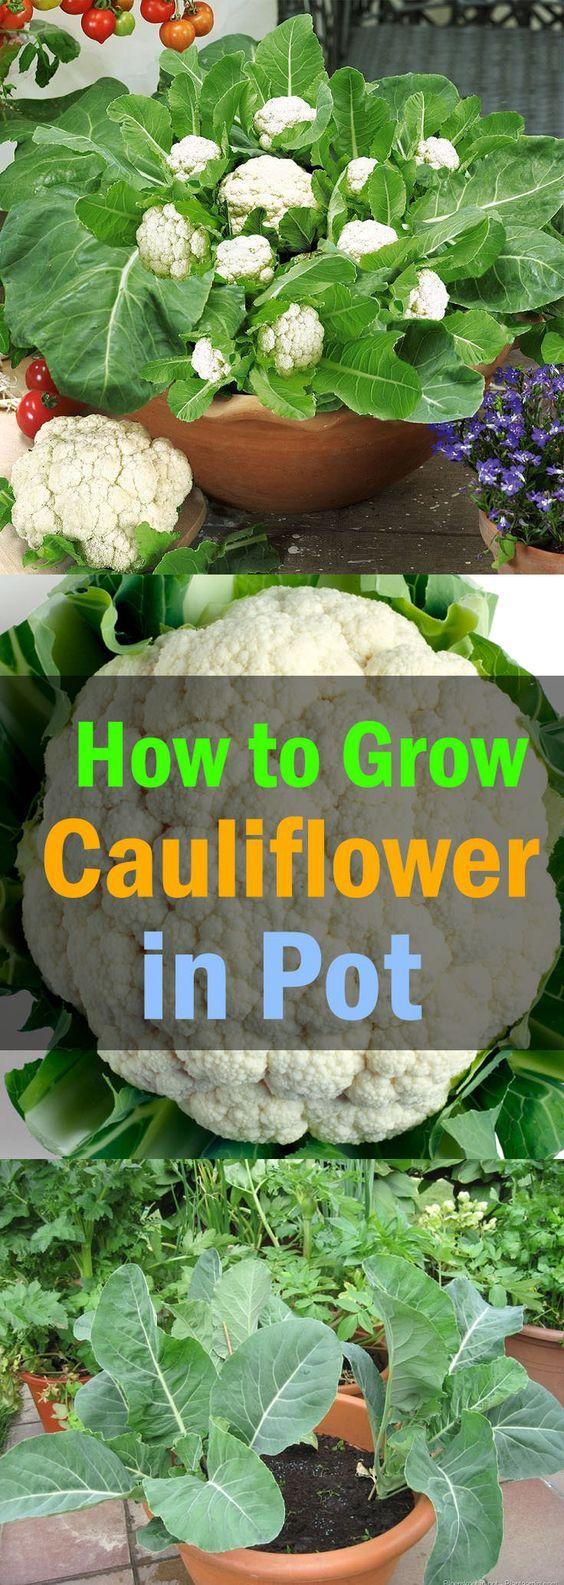 Aprender a cultivar la coliflor en recipientes en este artículo. Coliflores creciente en recipientes no es muy difícil si usted sabe sus requisitos adecuados y las condiciones ideales de crecimiento.